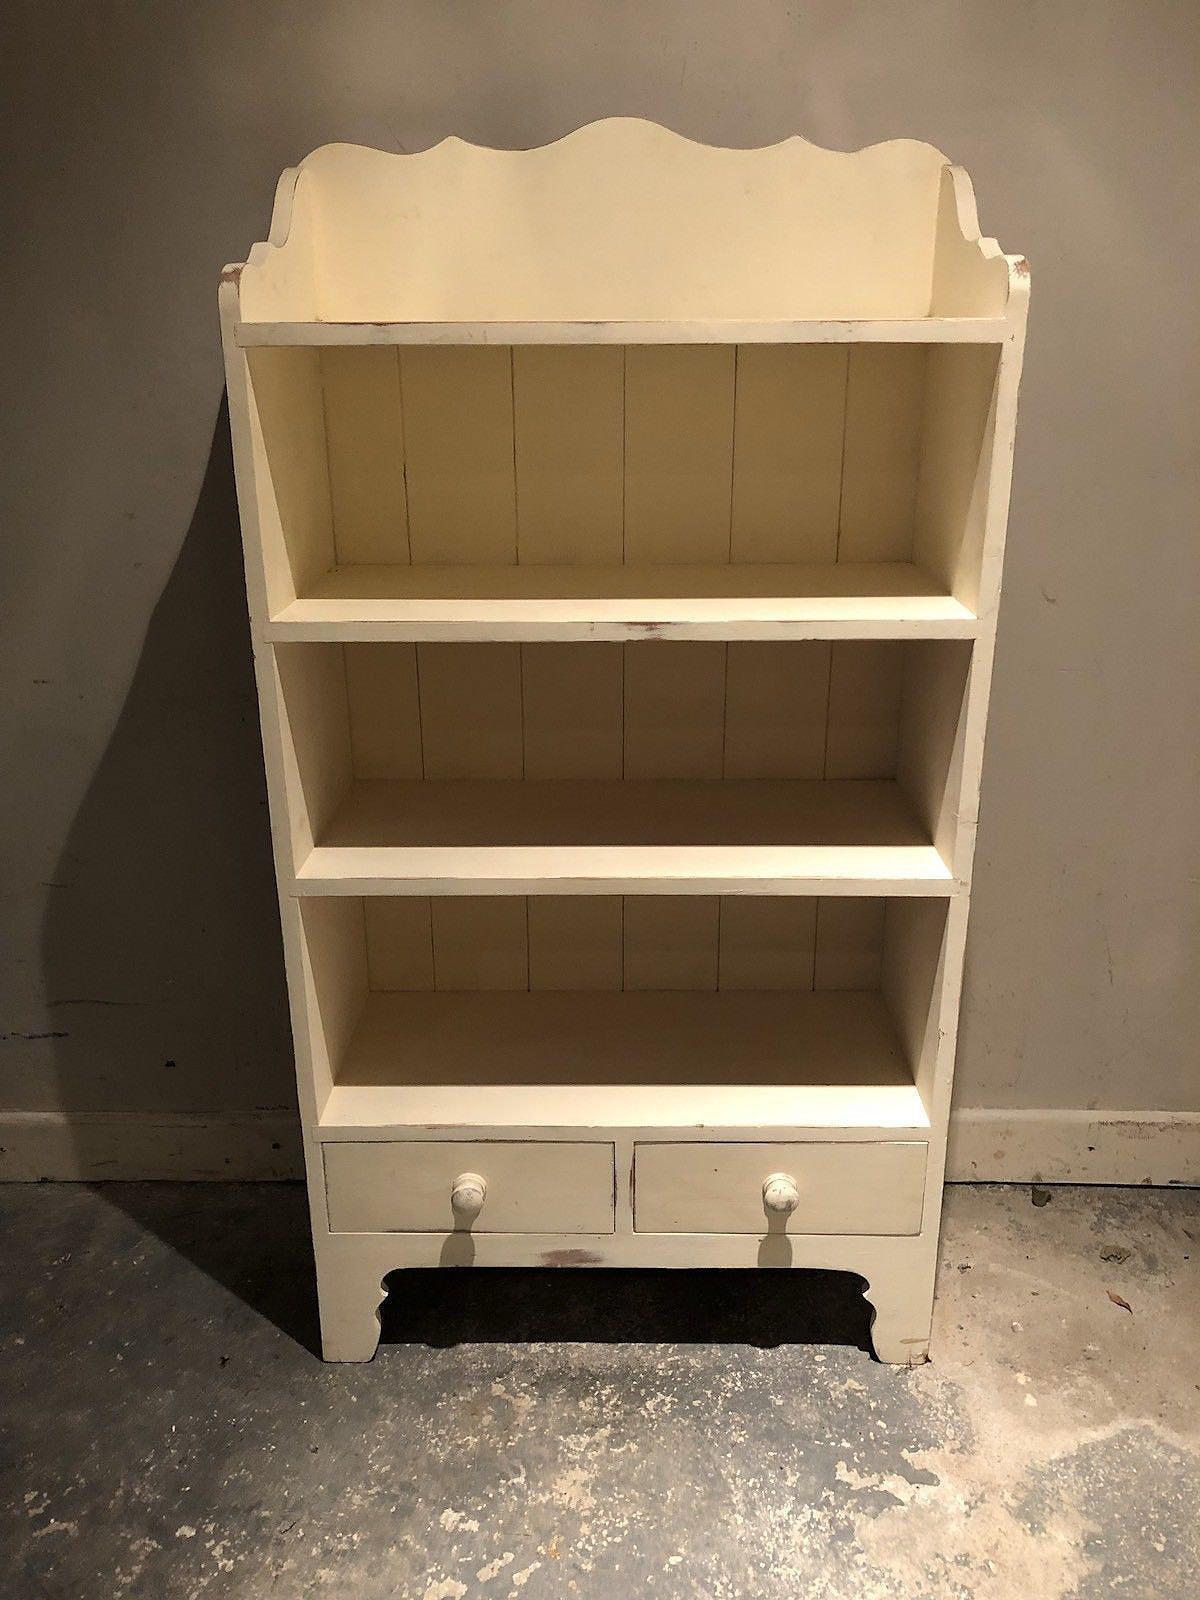 Pine Painted Cream Small Bookshelf With 2 Bottom Drawers